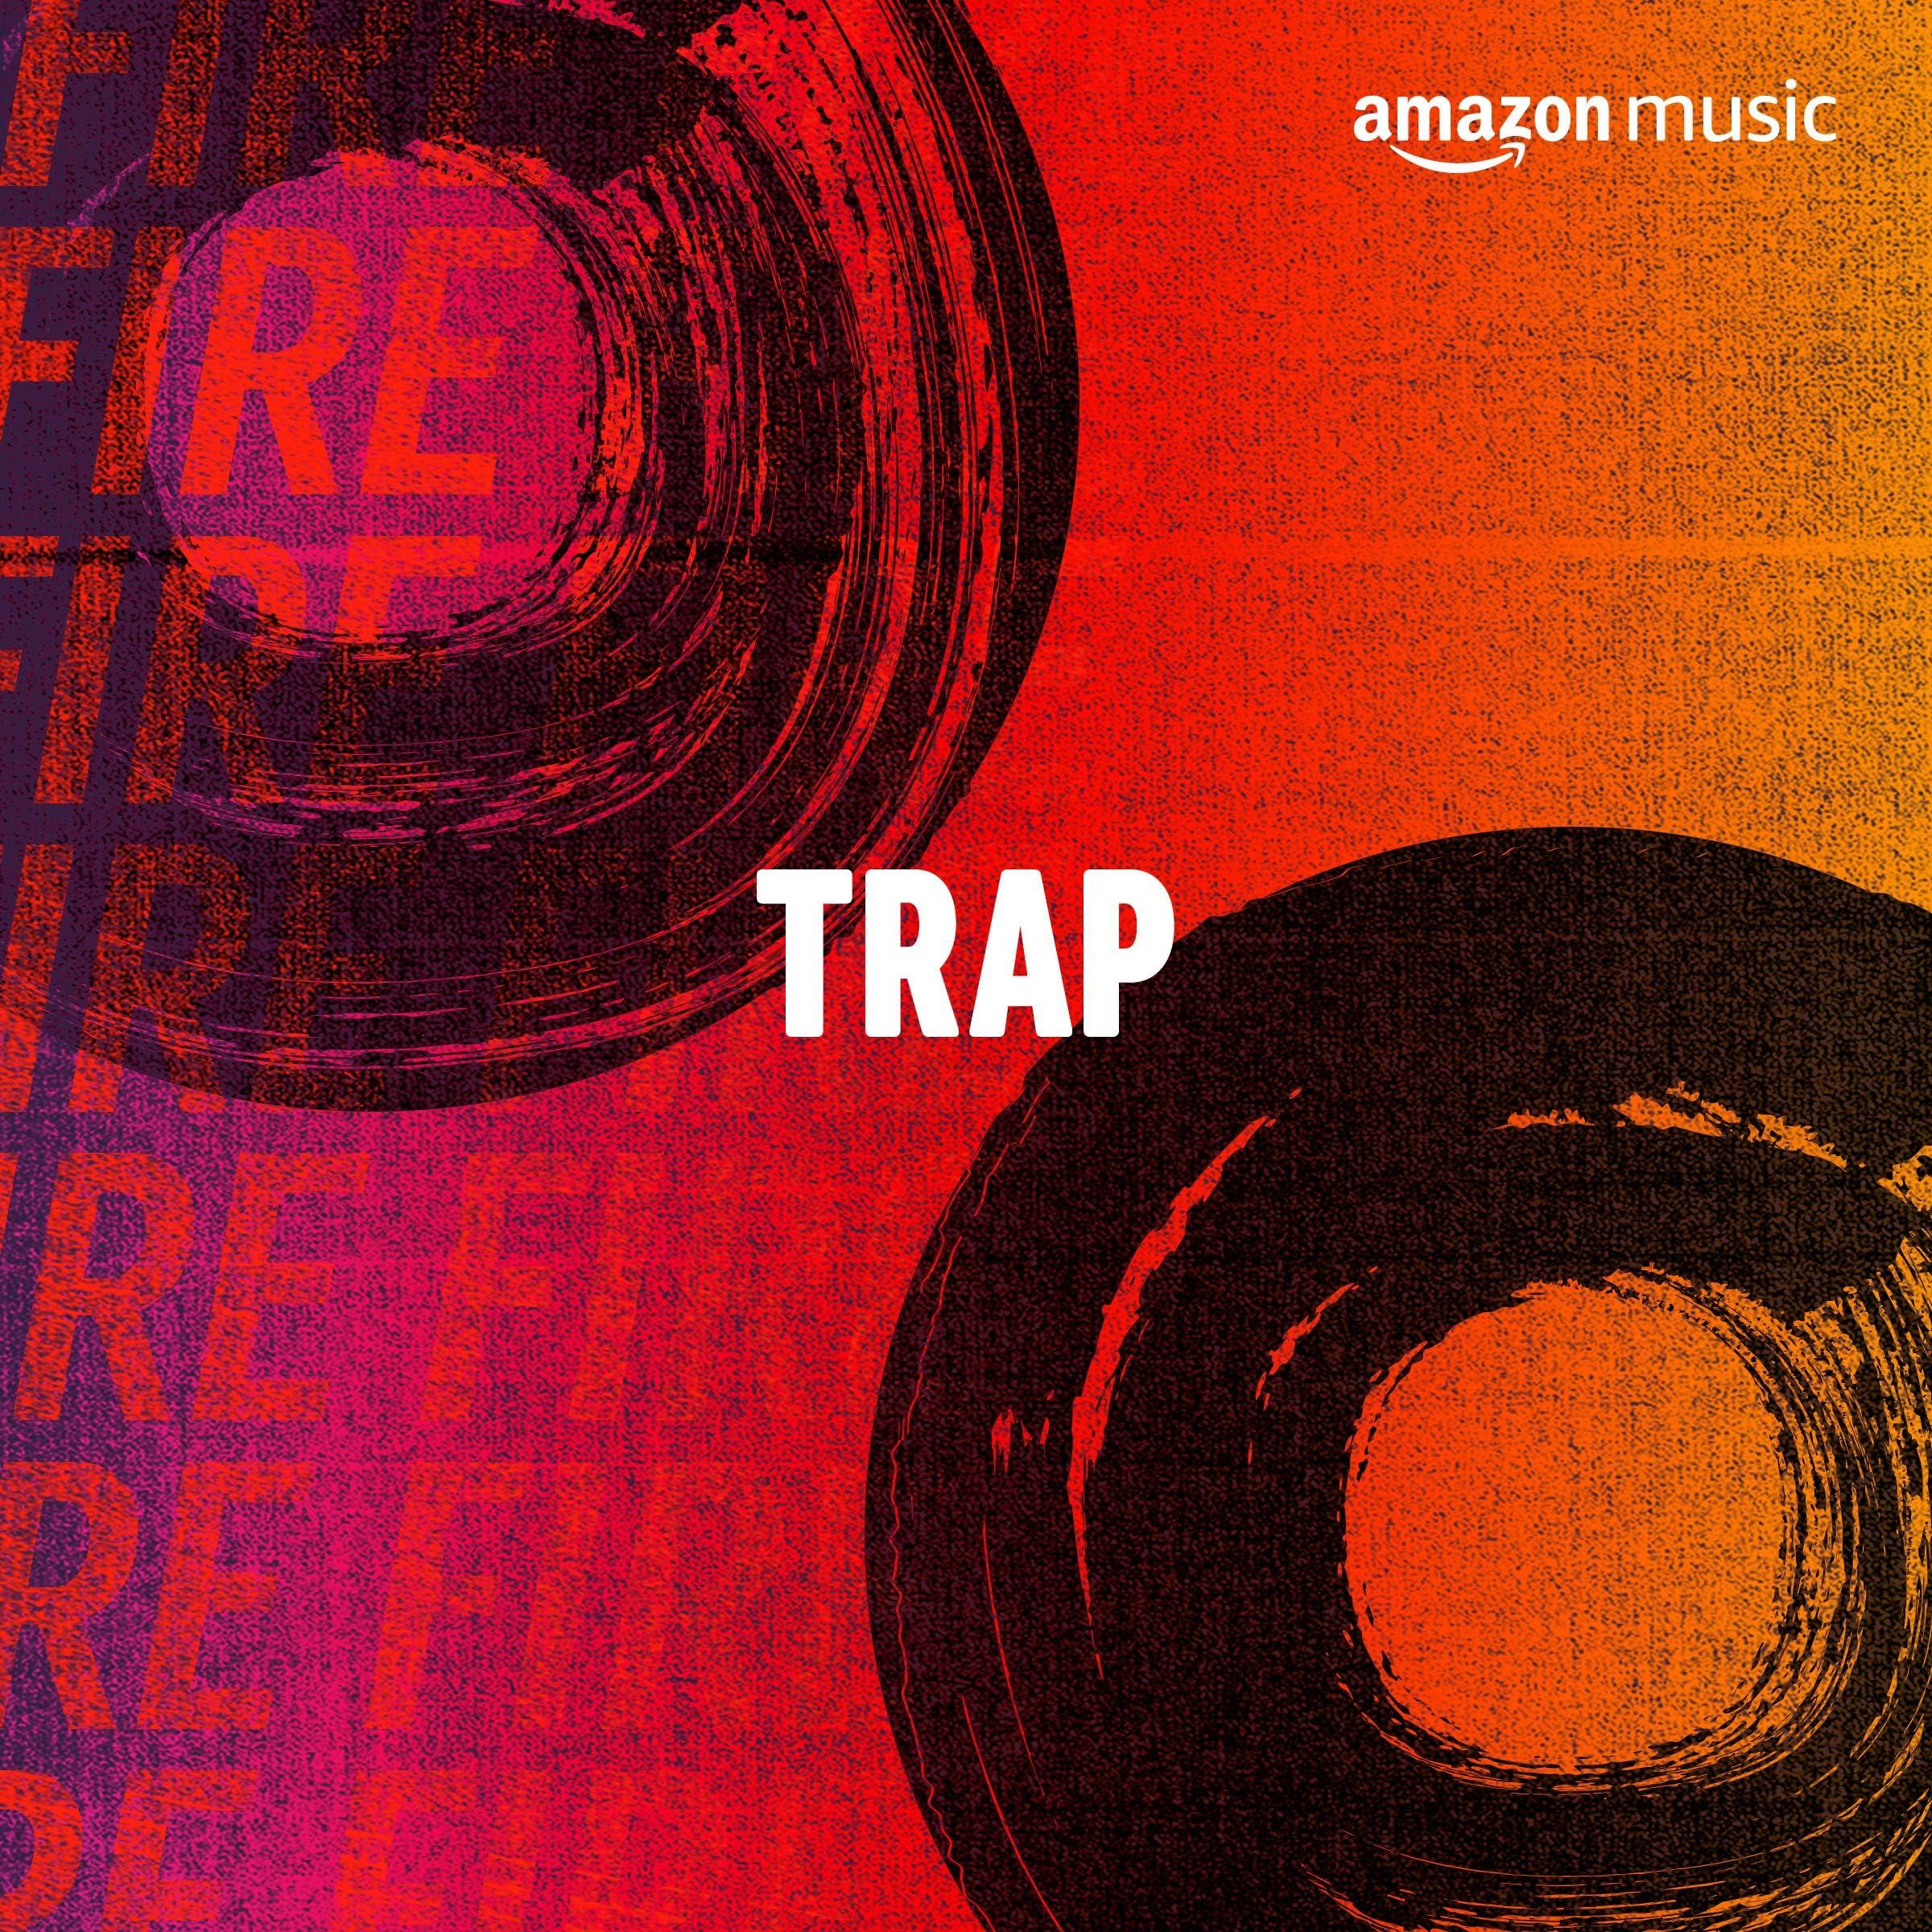 Todo Trap